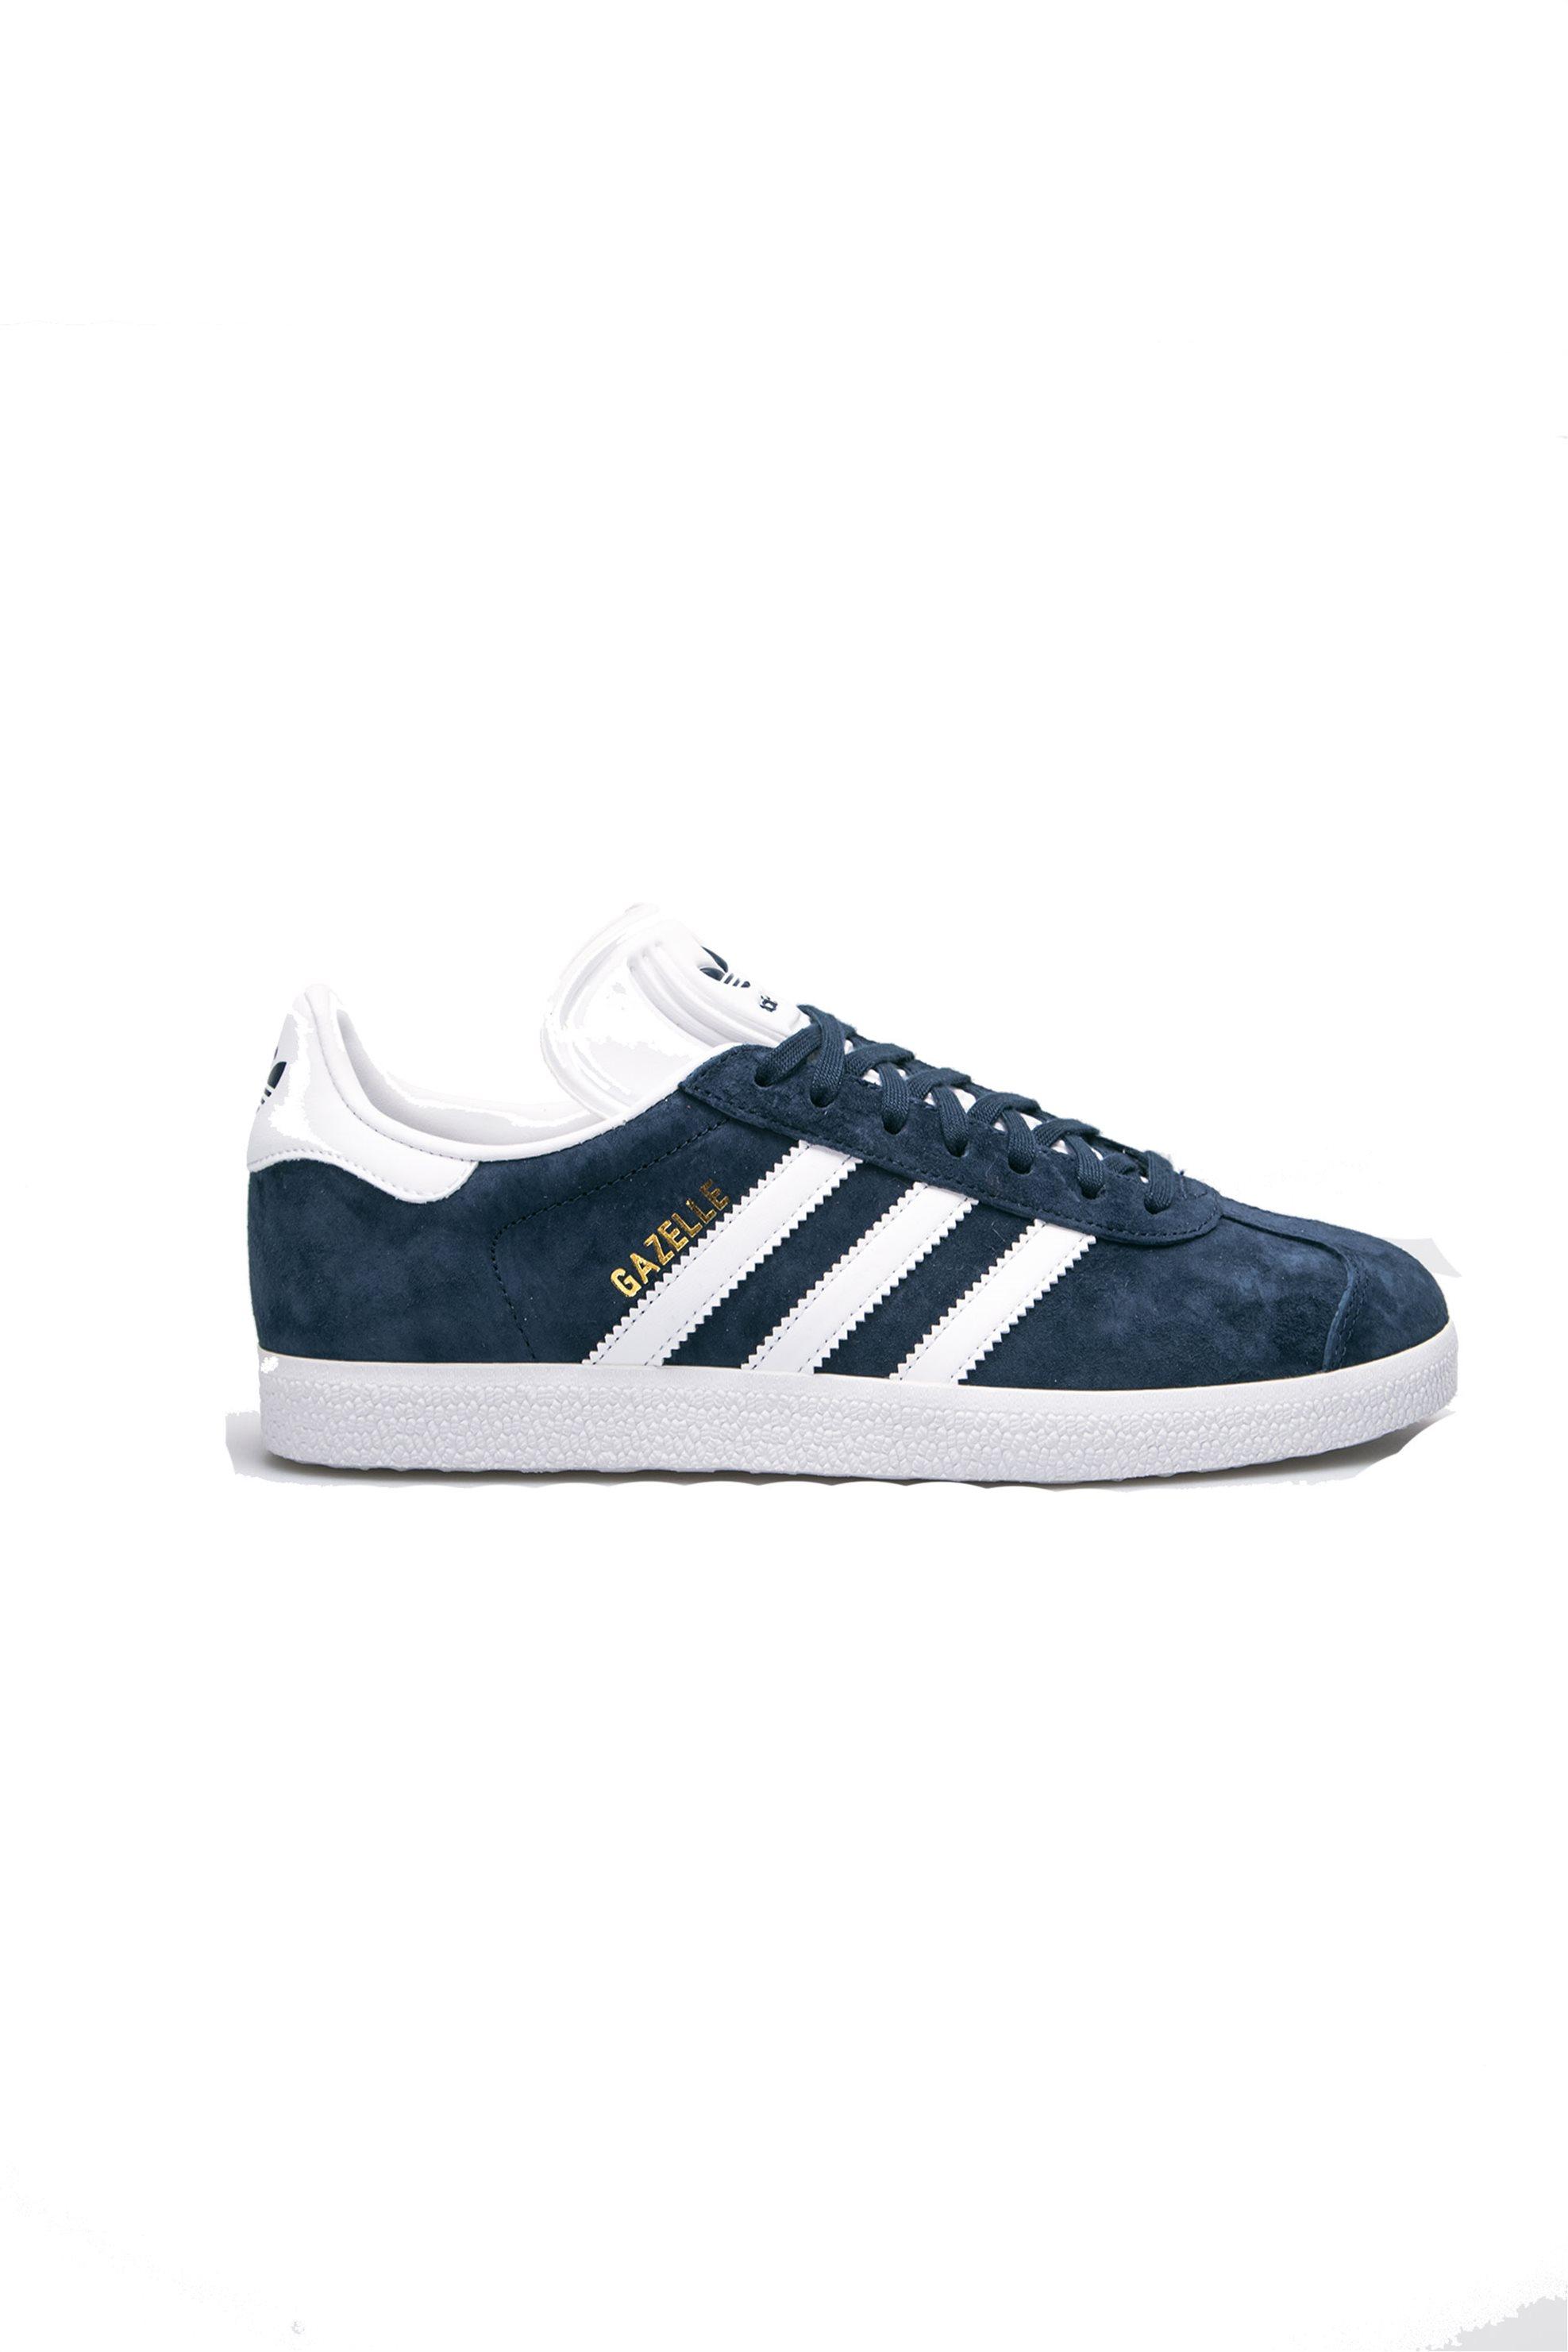 Αθλητικά παπούτσια Gazelle Adidas – BB5478 – Μπλε Σκούρο